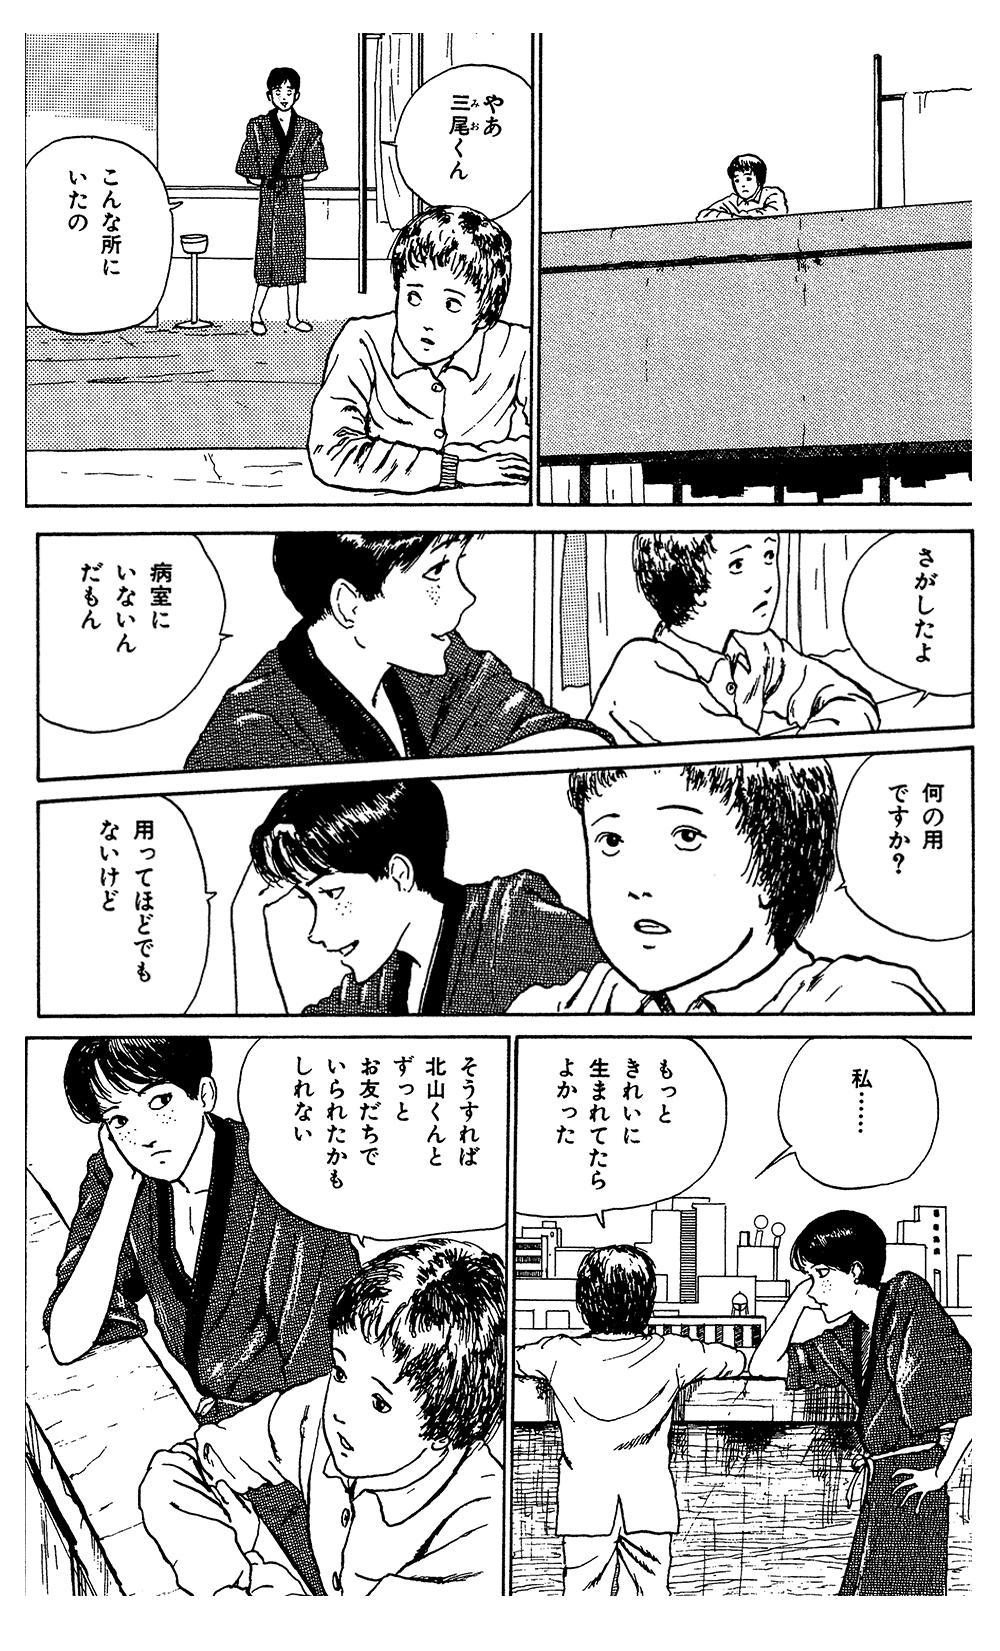 伊藤潤二傑作集 第3話「富江 地下室」②junji07-03.jpg